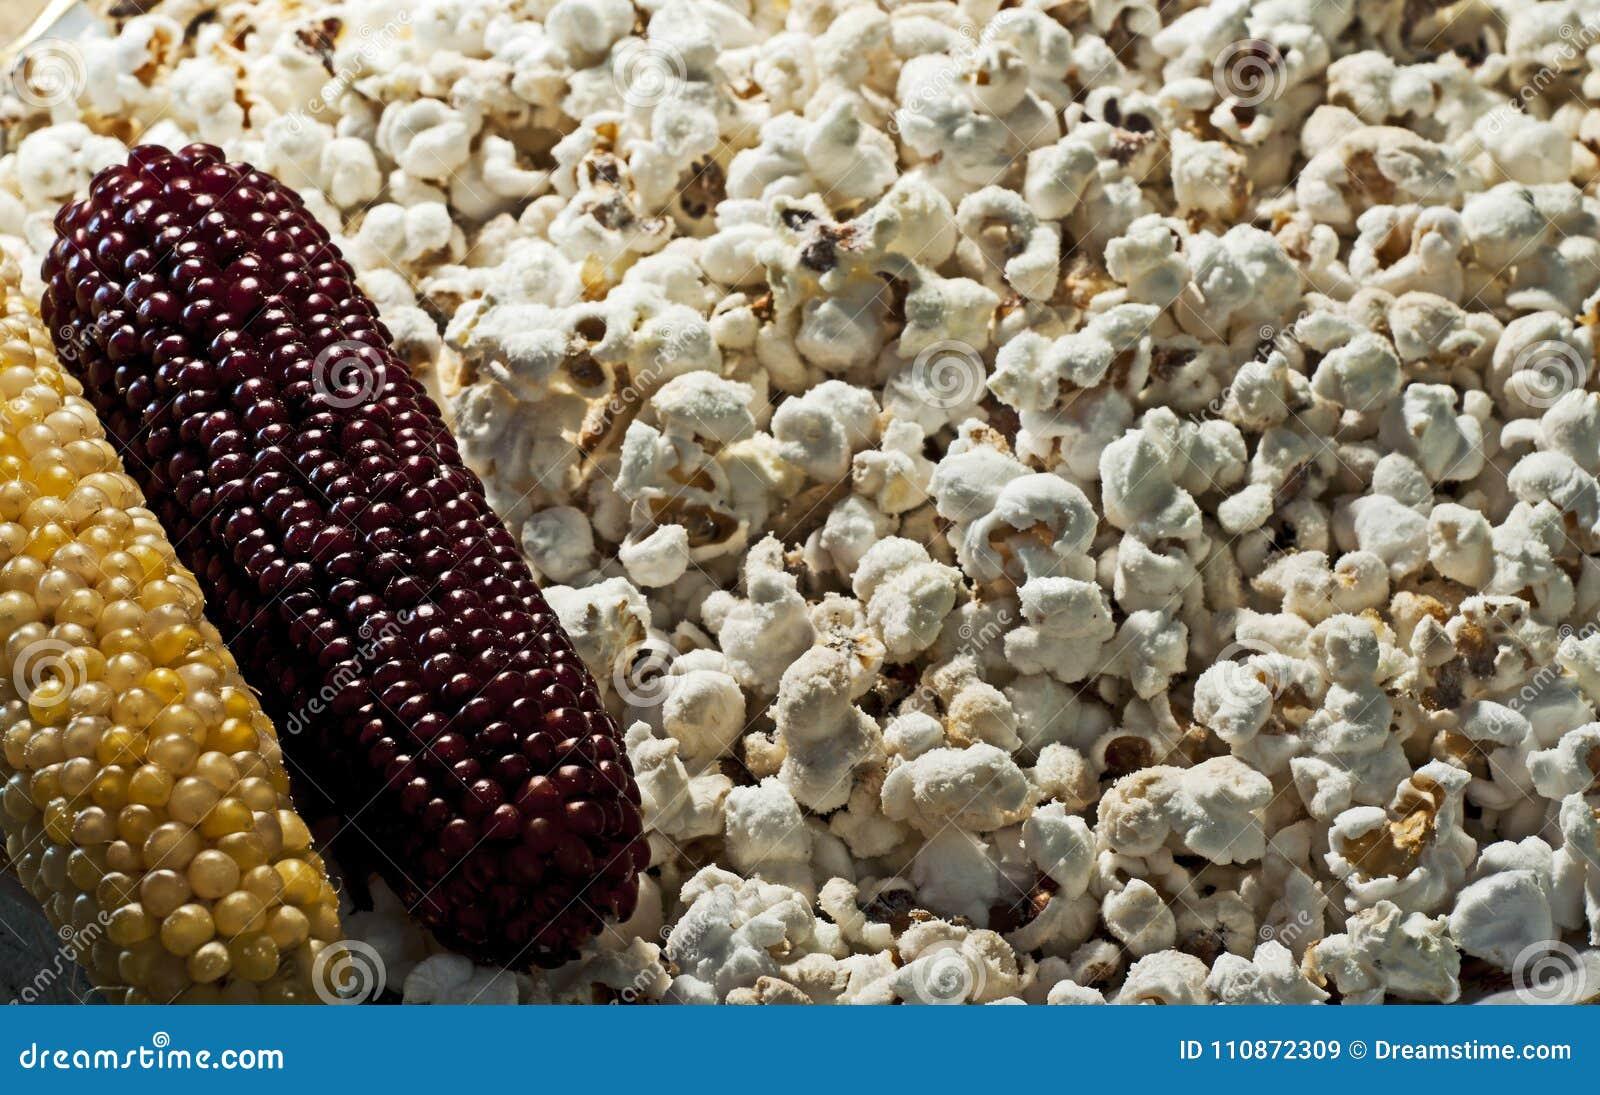 可口玉米玉米花